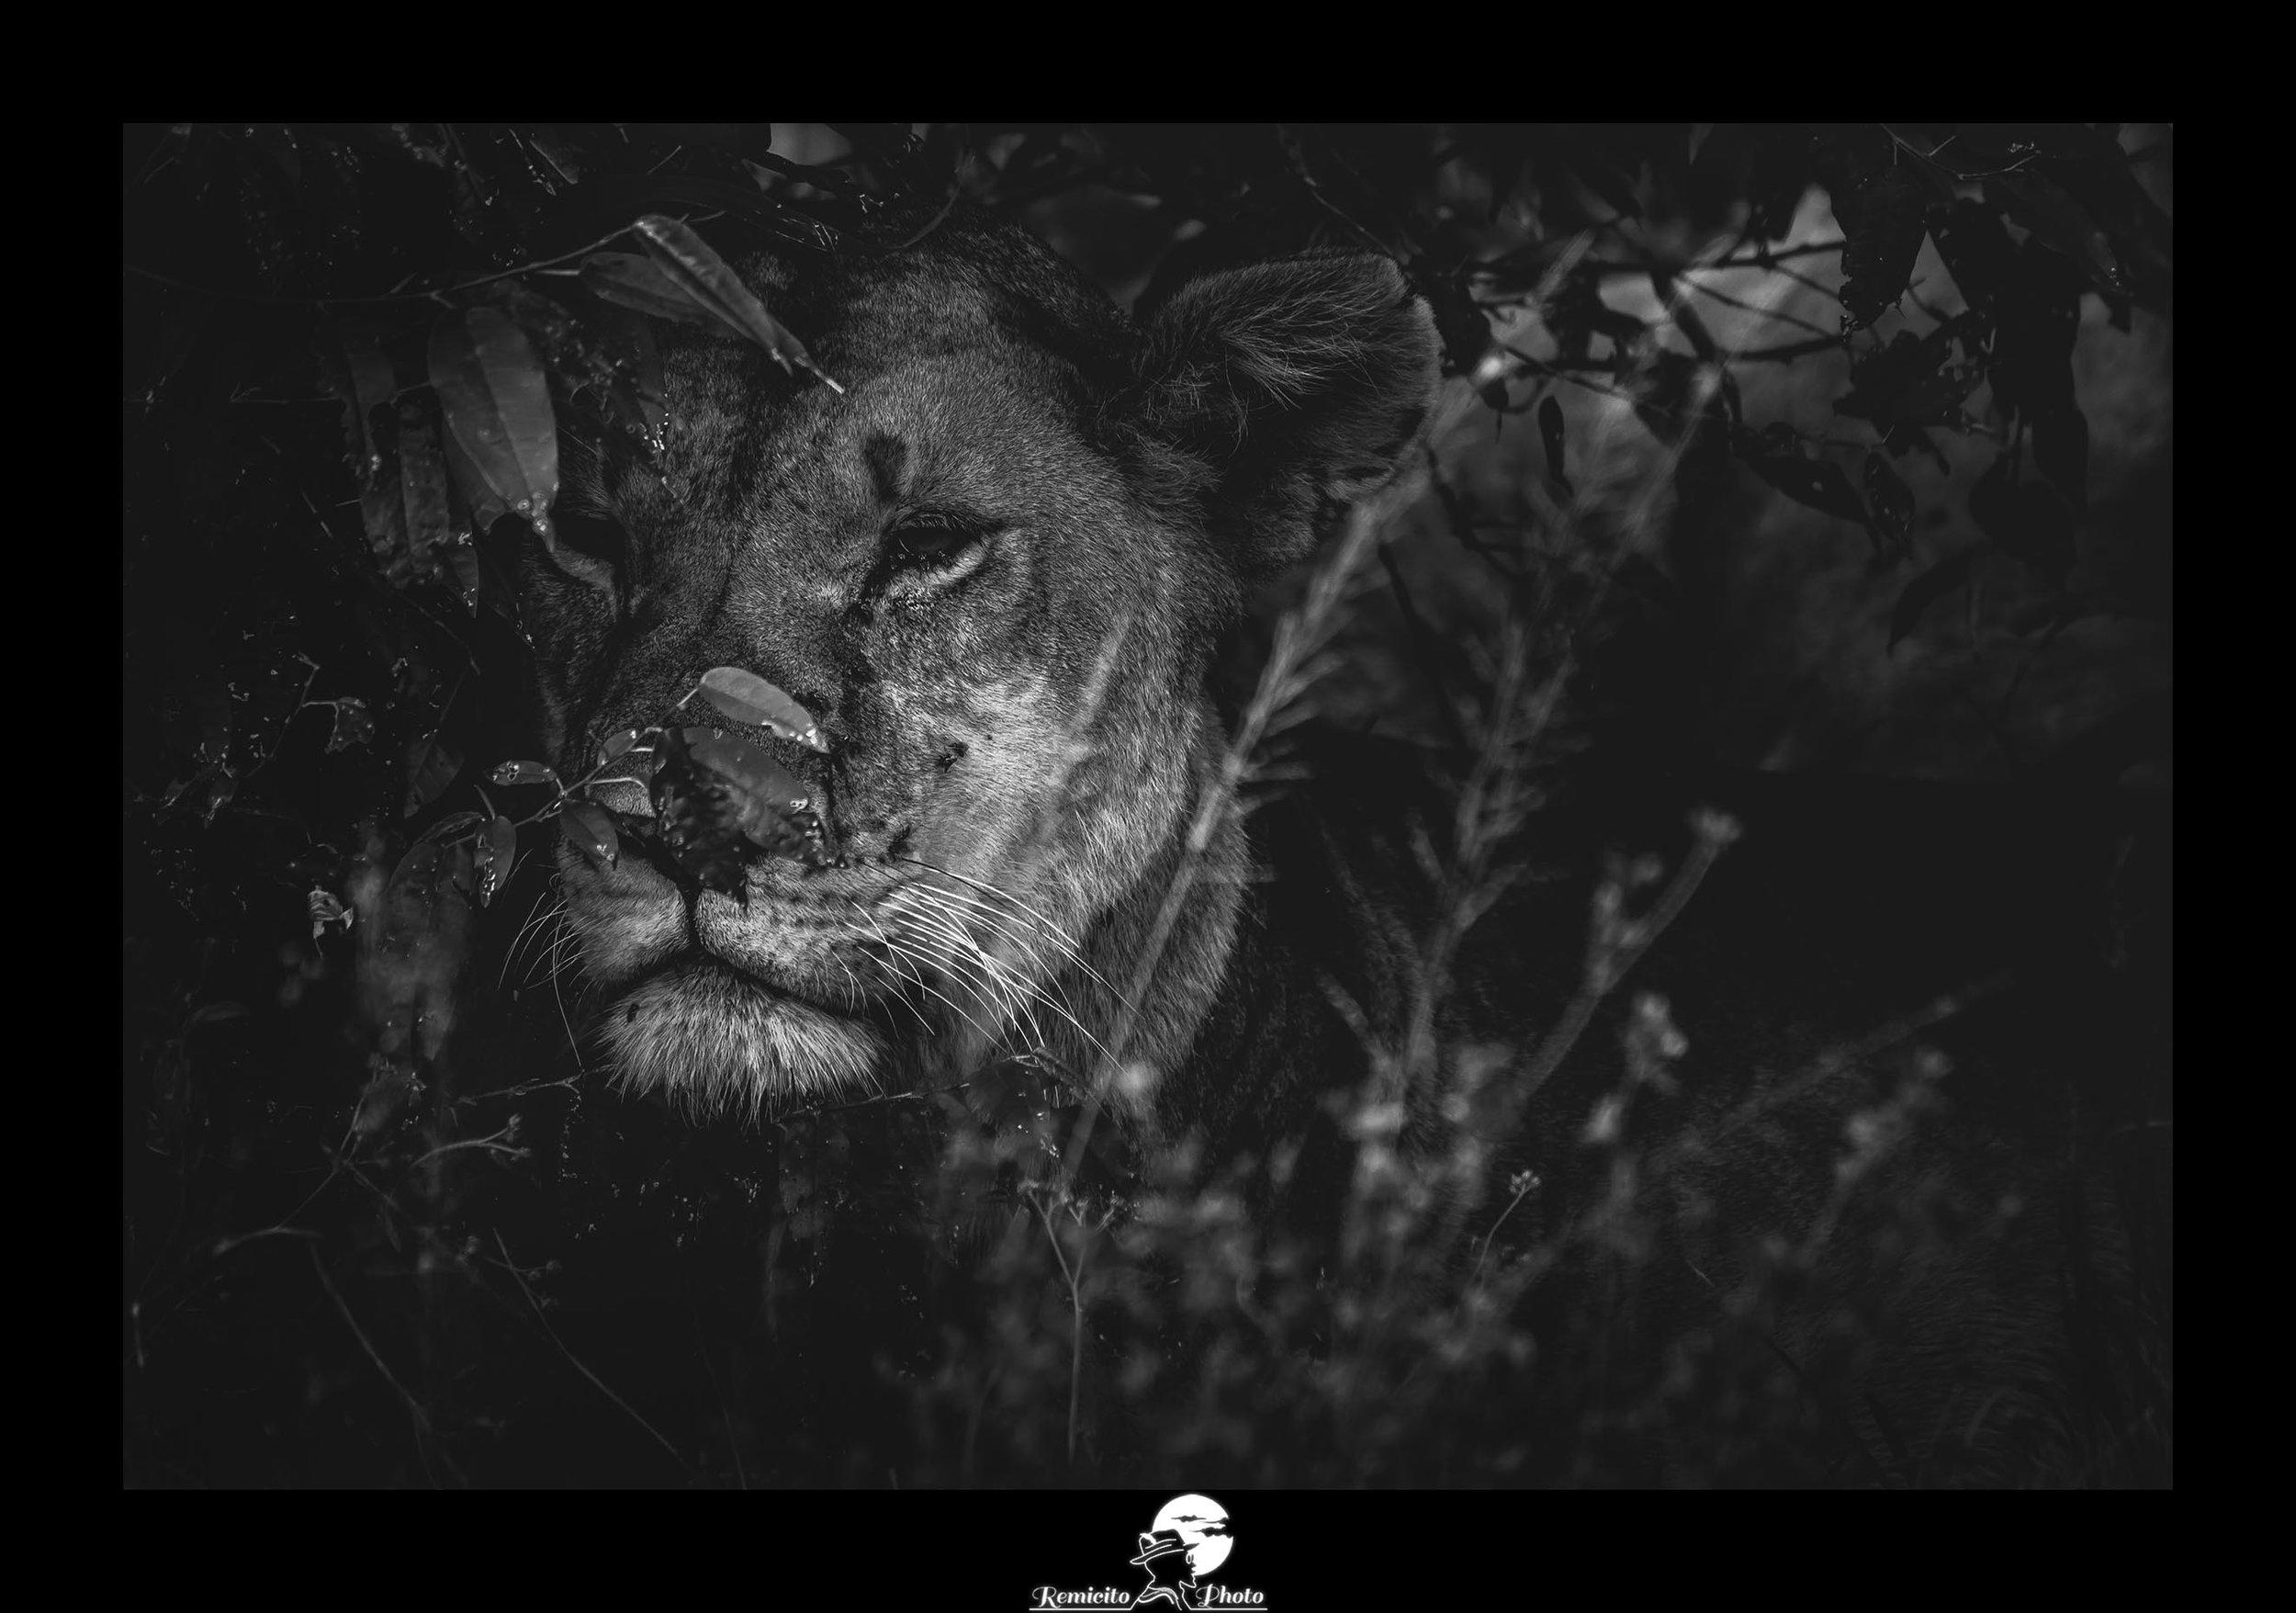 remicito photo, remicito, image du jour, photo du jour, photo of the day, lion photograph black and white, photo lion noir et blanc, belle photo lion, photo lionne afrique, photo kenya lion noir et blanc, idée cadeau photo lion, belle photo lion noir et blanc